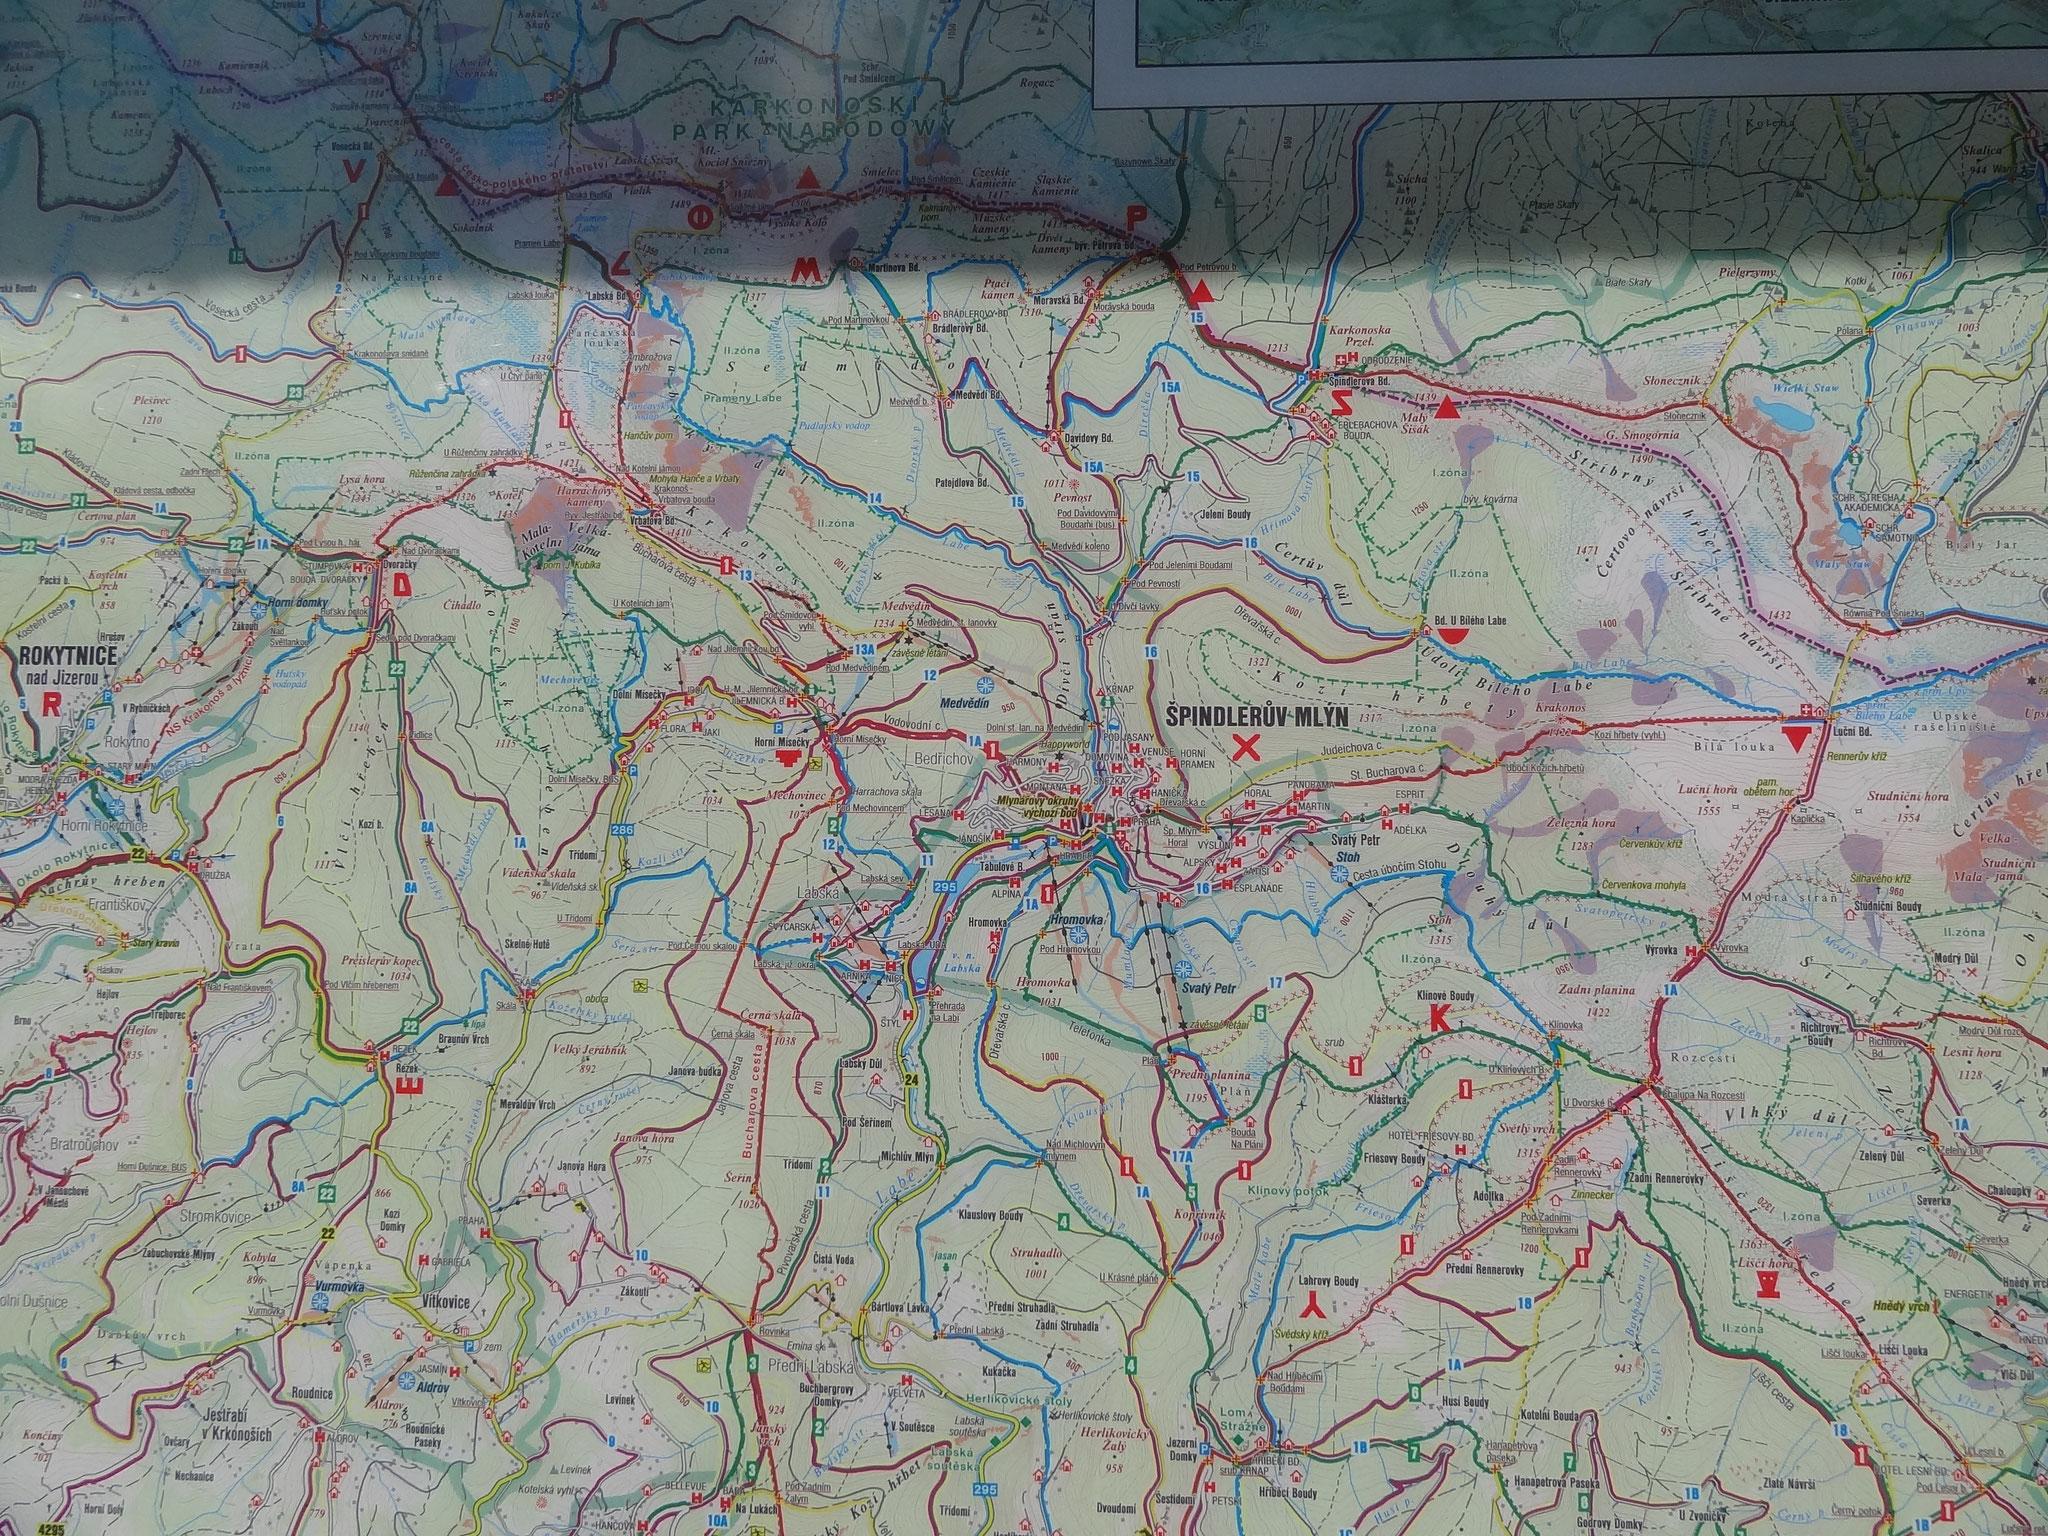 Die Elbe entspringt im Riesengebirge (Krkonoše) in einer Höhe von fast 1400 m, etwa 7,5 km nordwestlich des tschechischen Ortes Špindlerův Mlýn (Spindlermühle), 400 m von der Grenze zu Polen entfernt. Kurz hinter dem Quellengebiet befindet sich der Elbfal